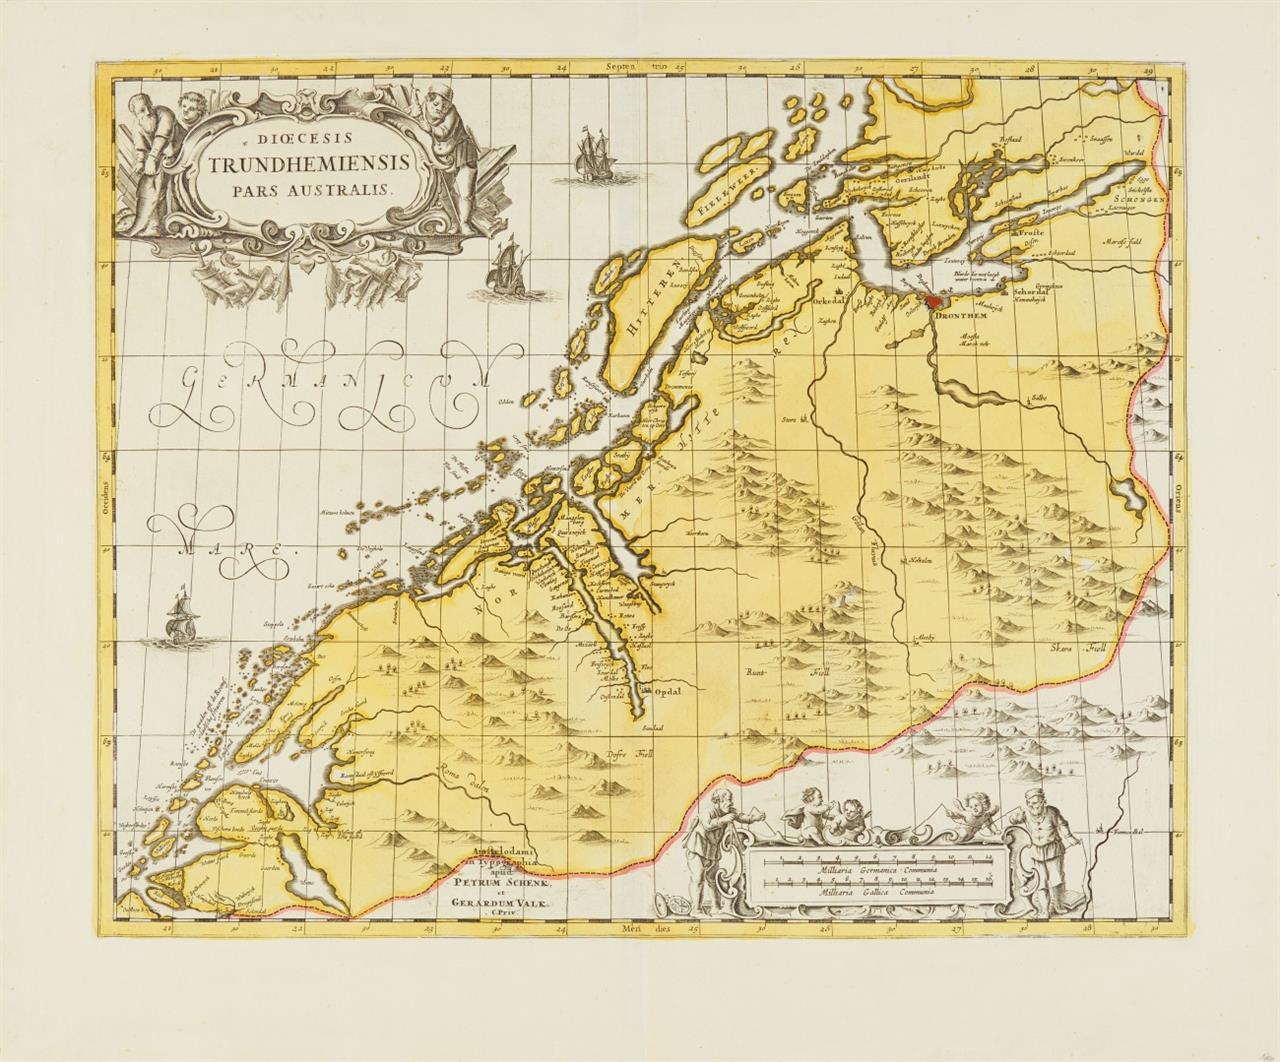 Trondheim. Dioecesis Trundhemiensis Pars Australis. Um 1694. Kolor. Kupferstichkarte bei P.Schenk/G.Valk.